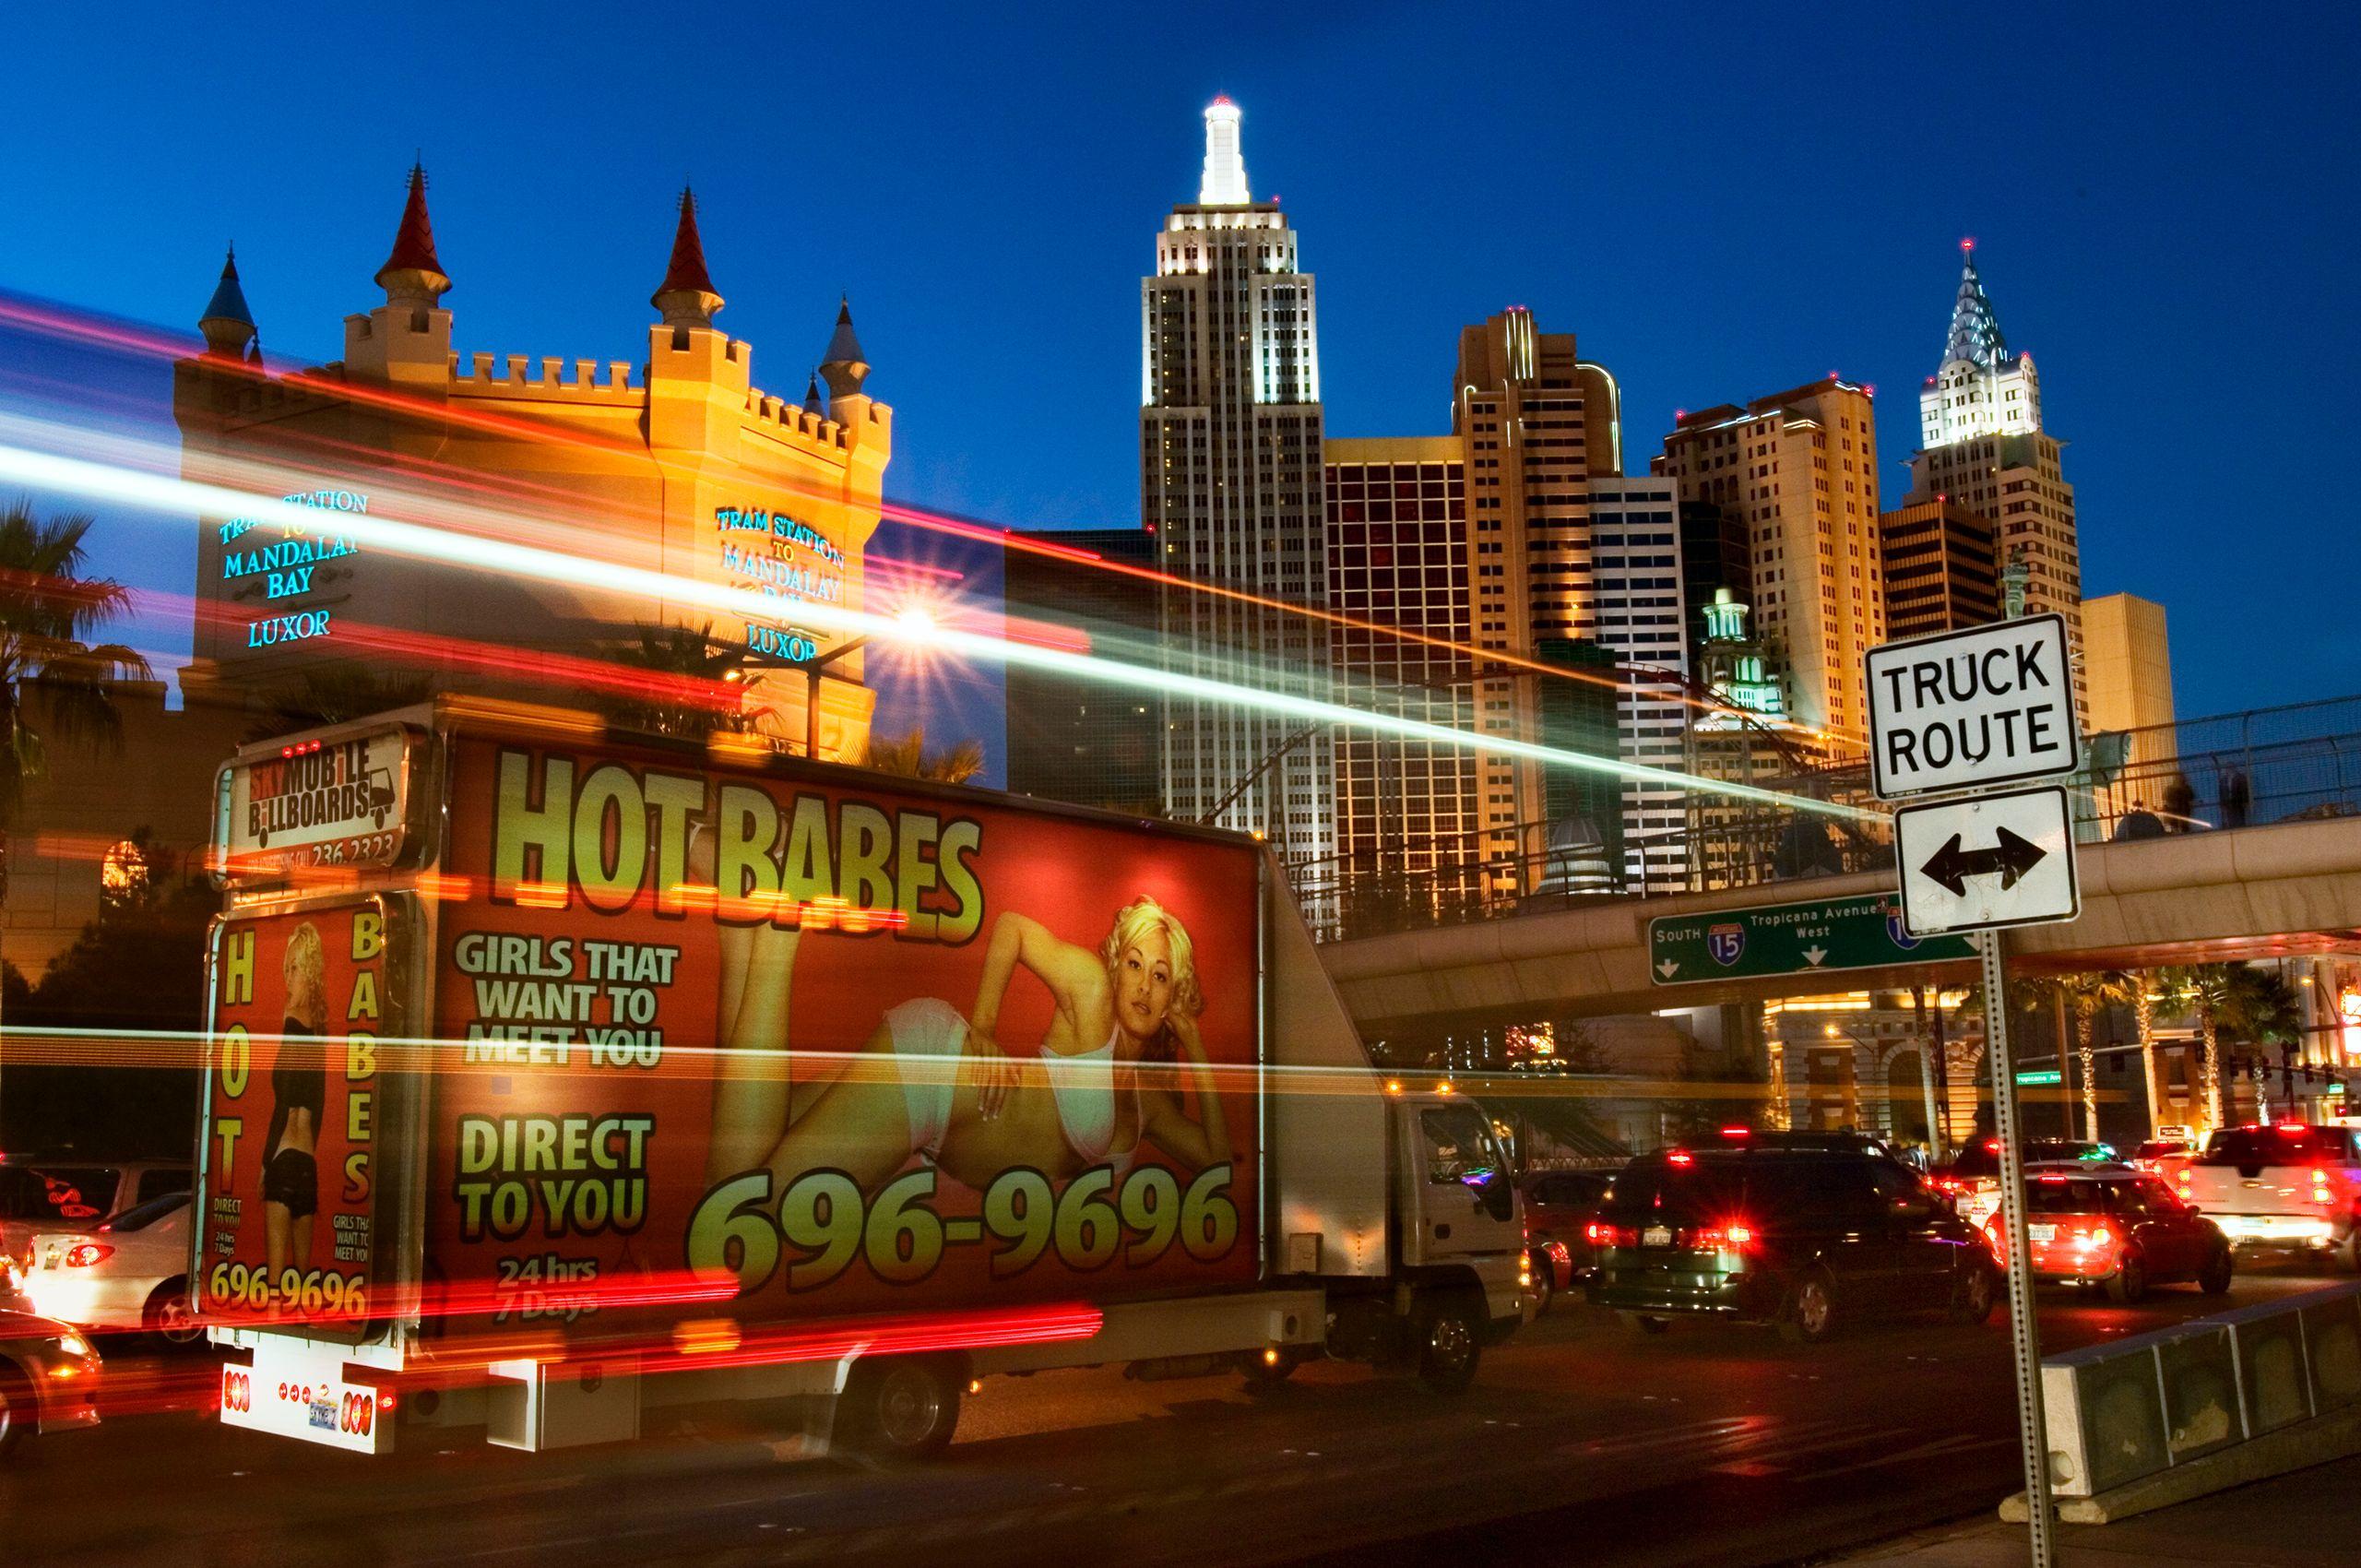 Hot Babes on Las Vegas Blvd